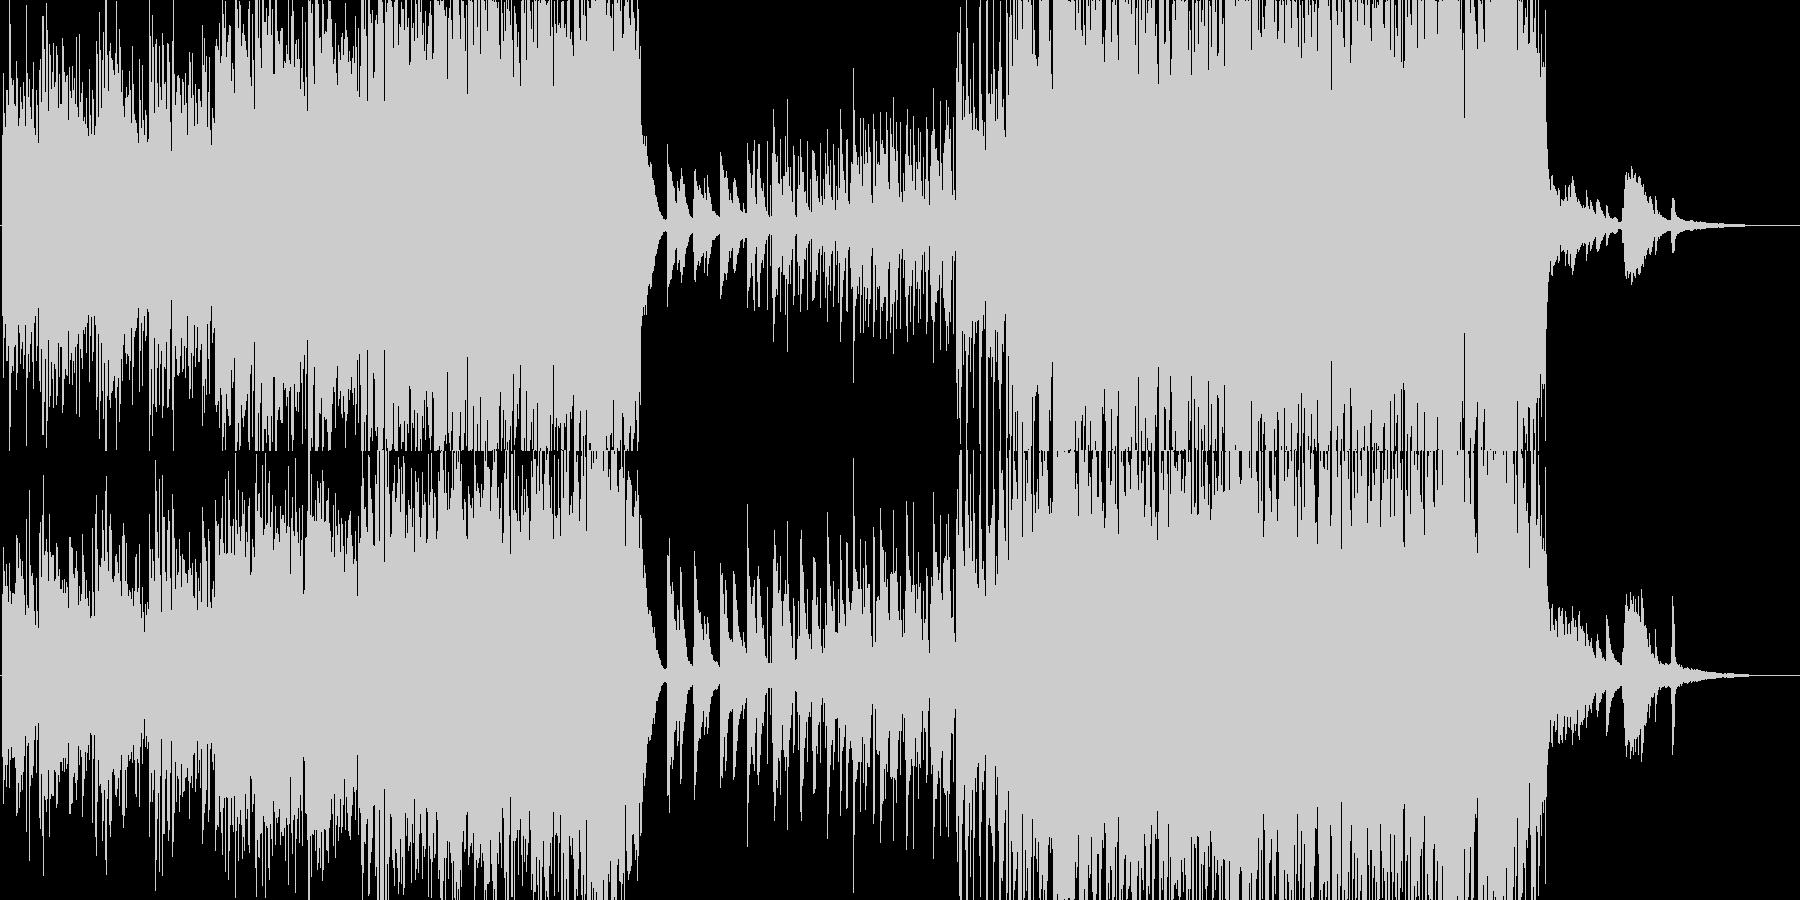 ピアノ、ストリングス、優しく切ないBGMの未再生の波形